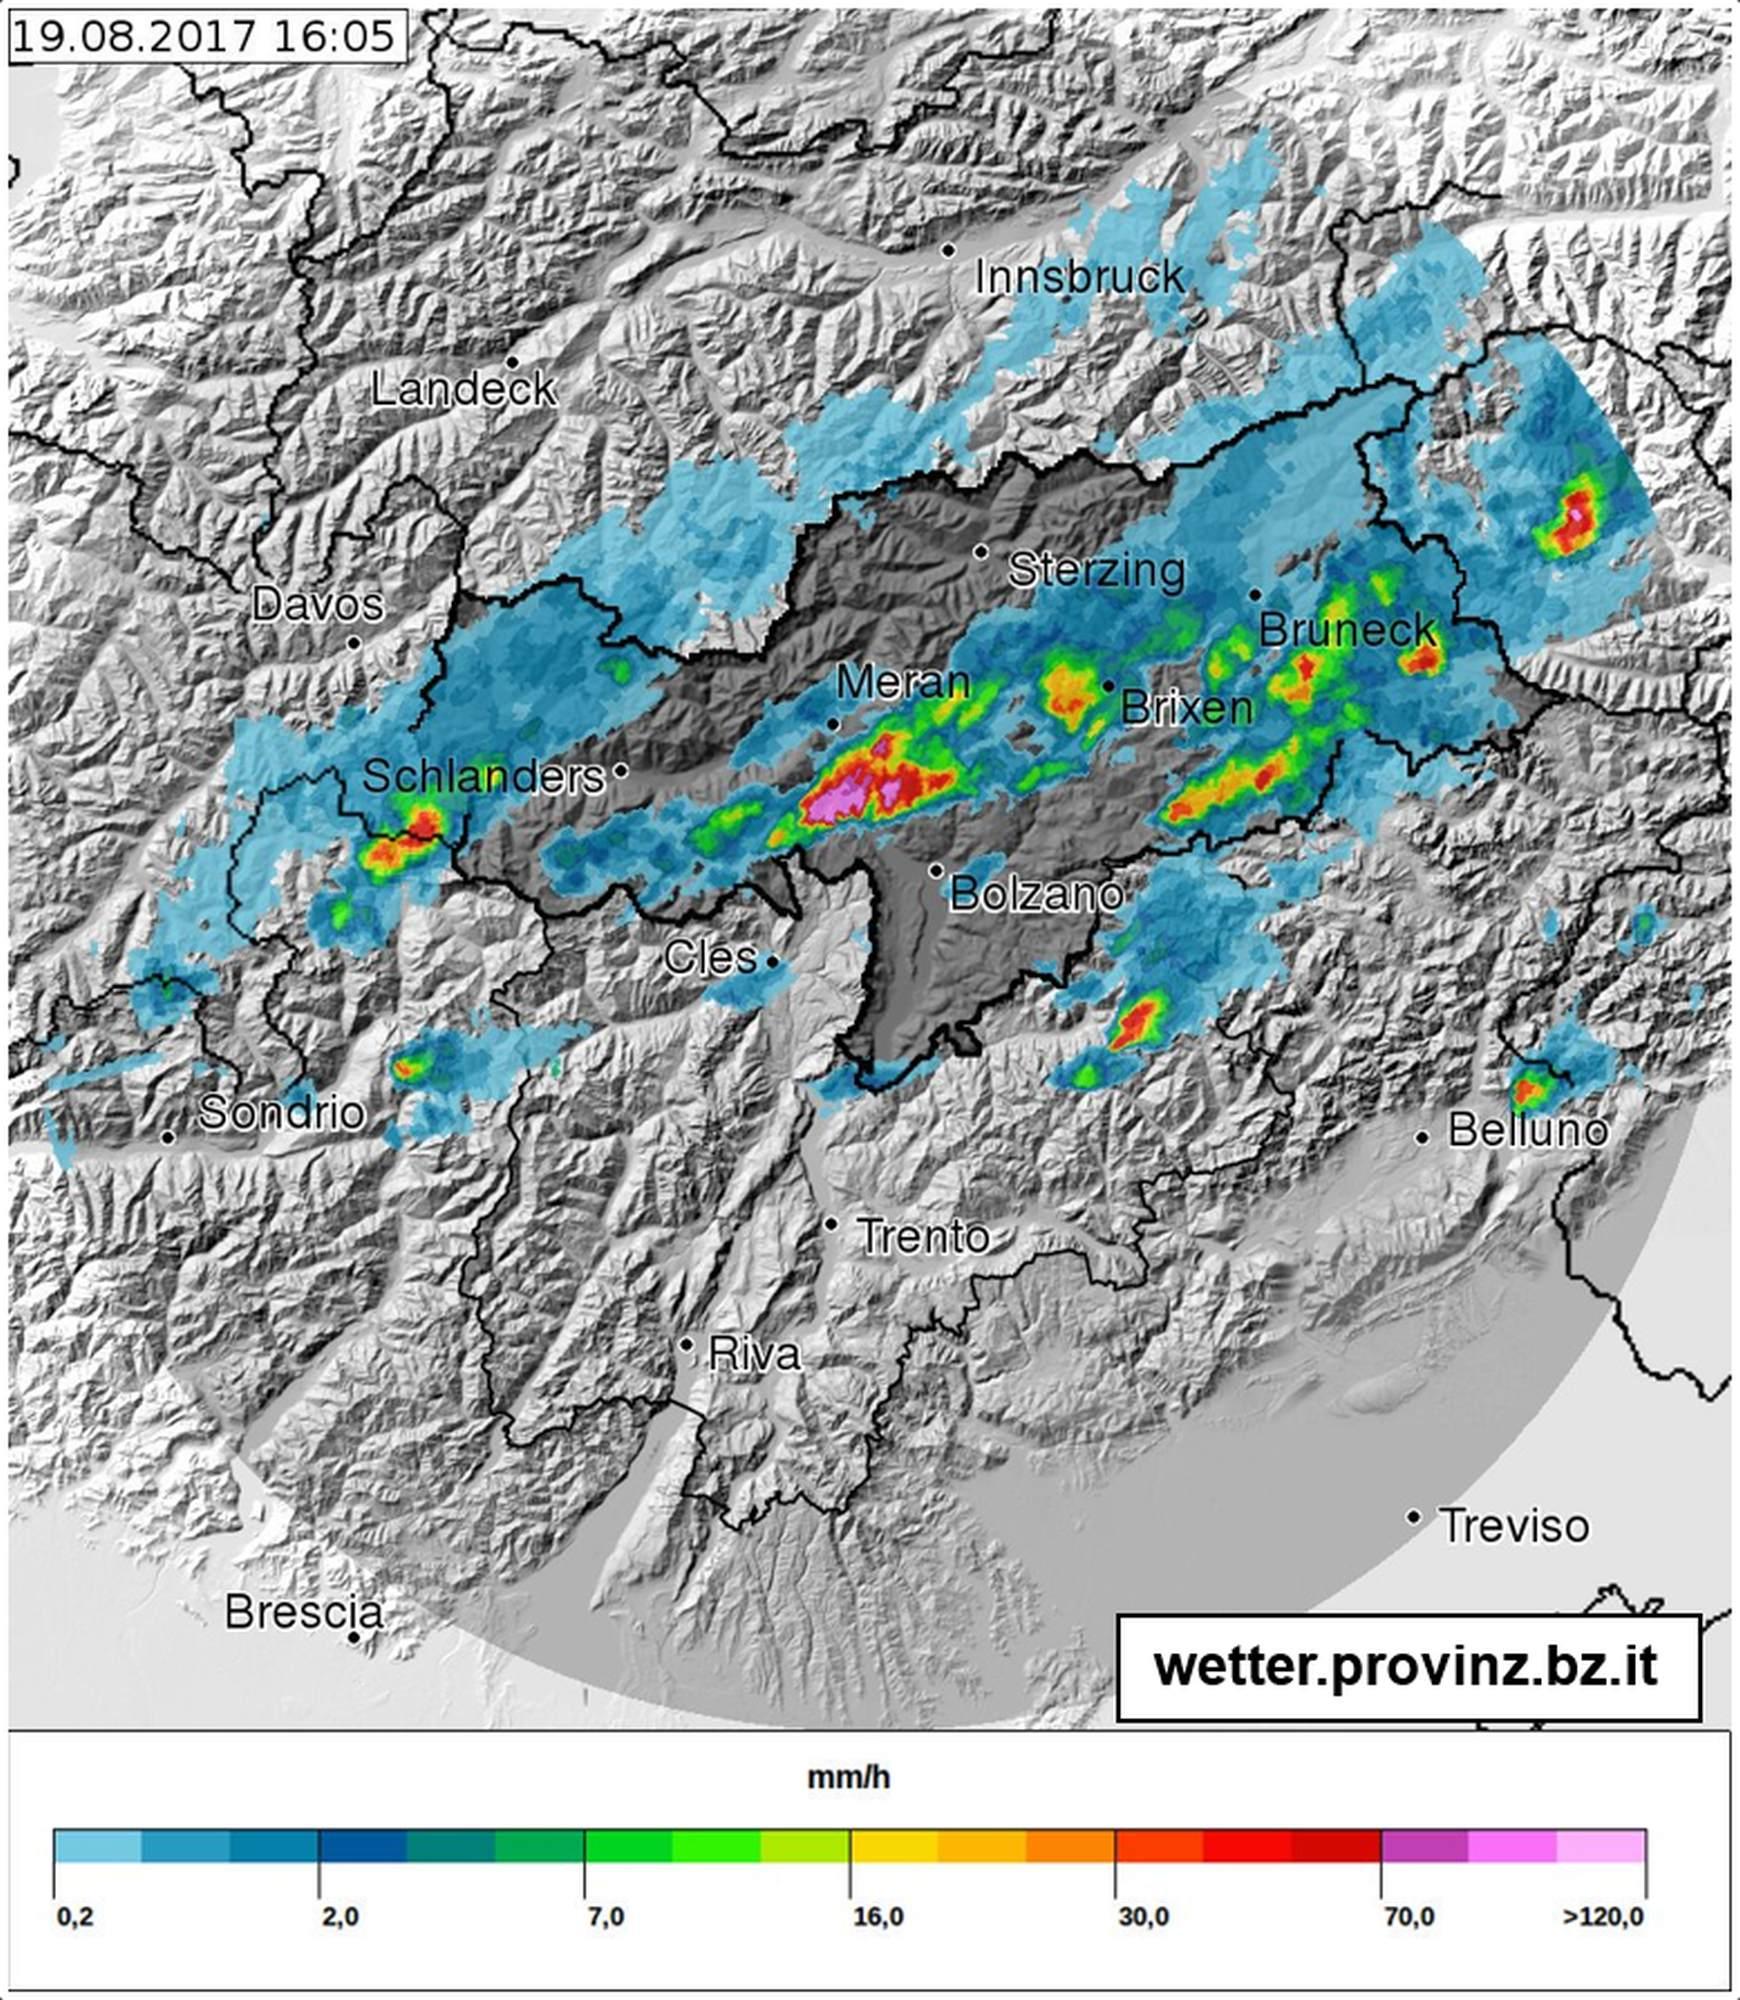 Niederschlagsradar © wetter.provinz.bz.it